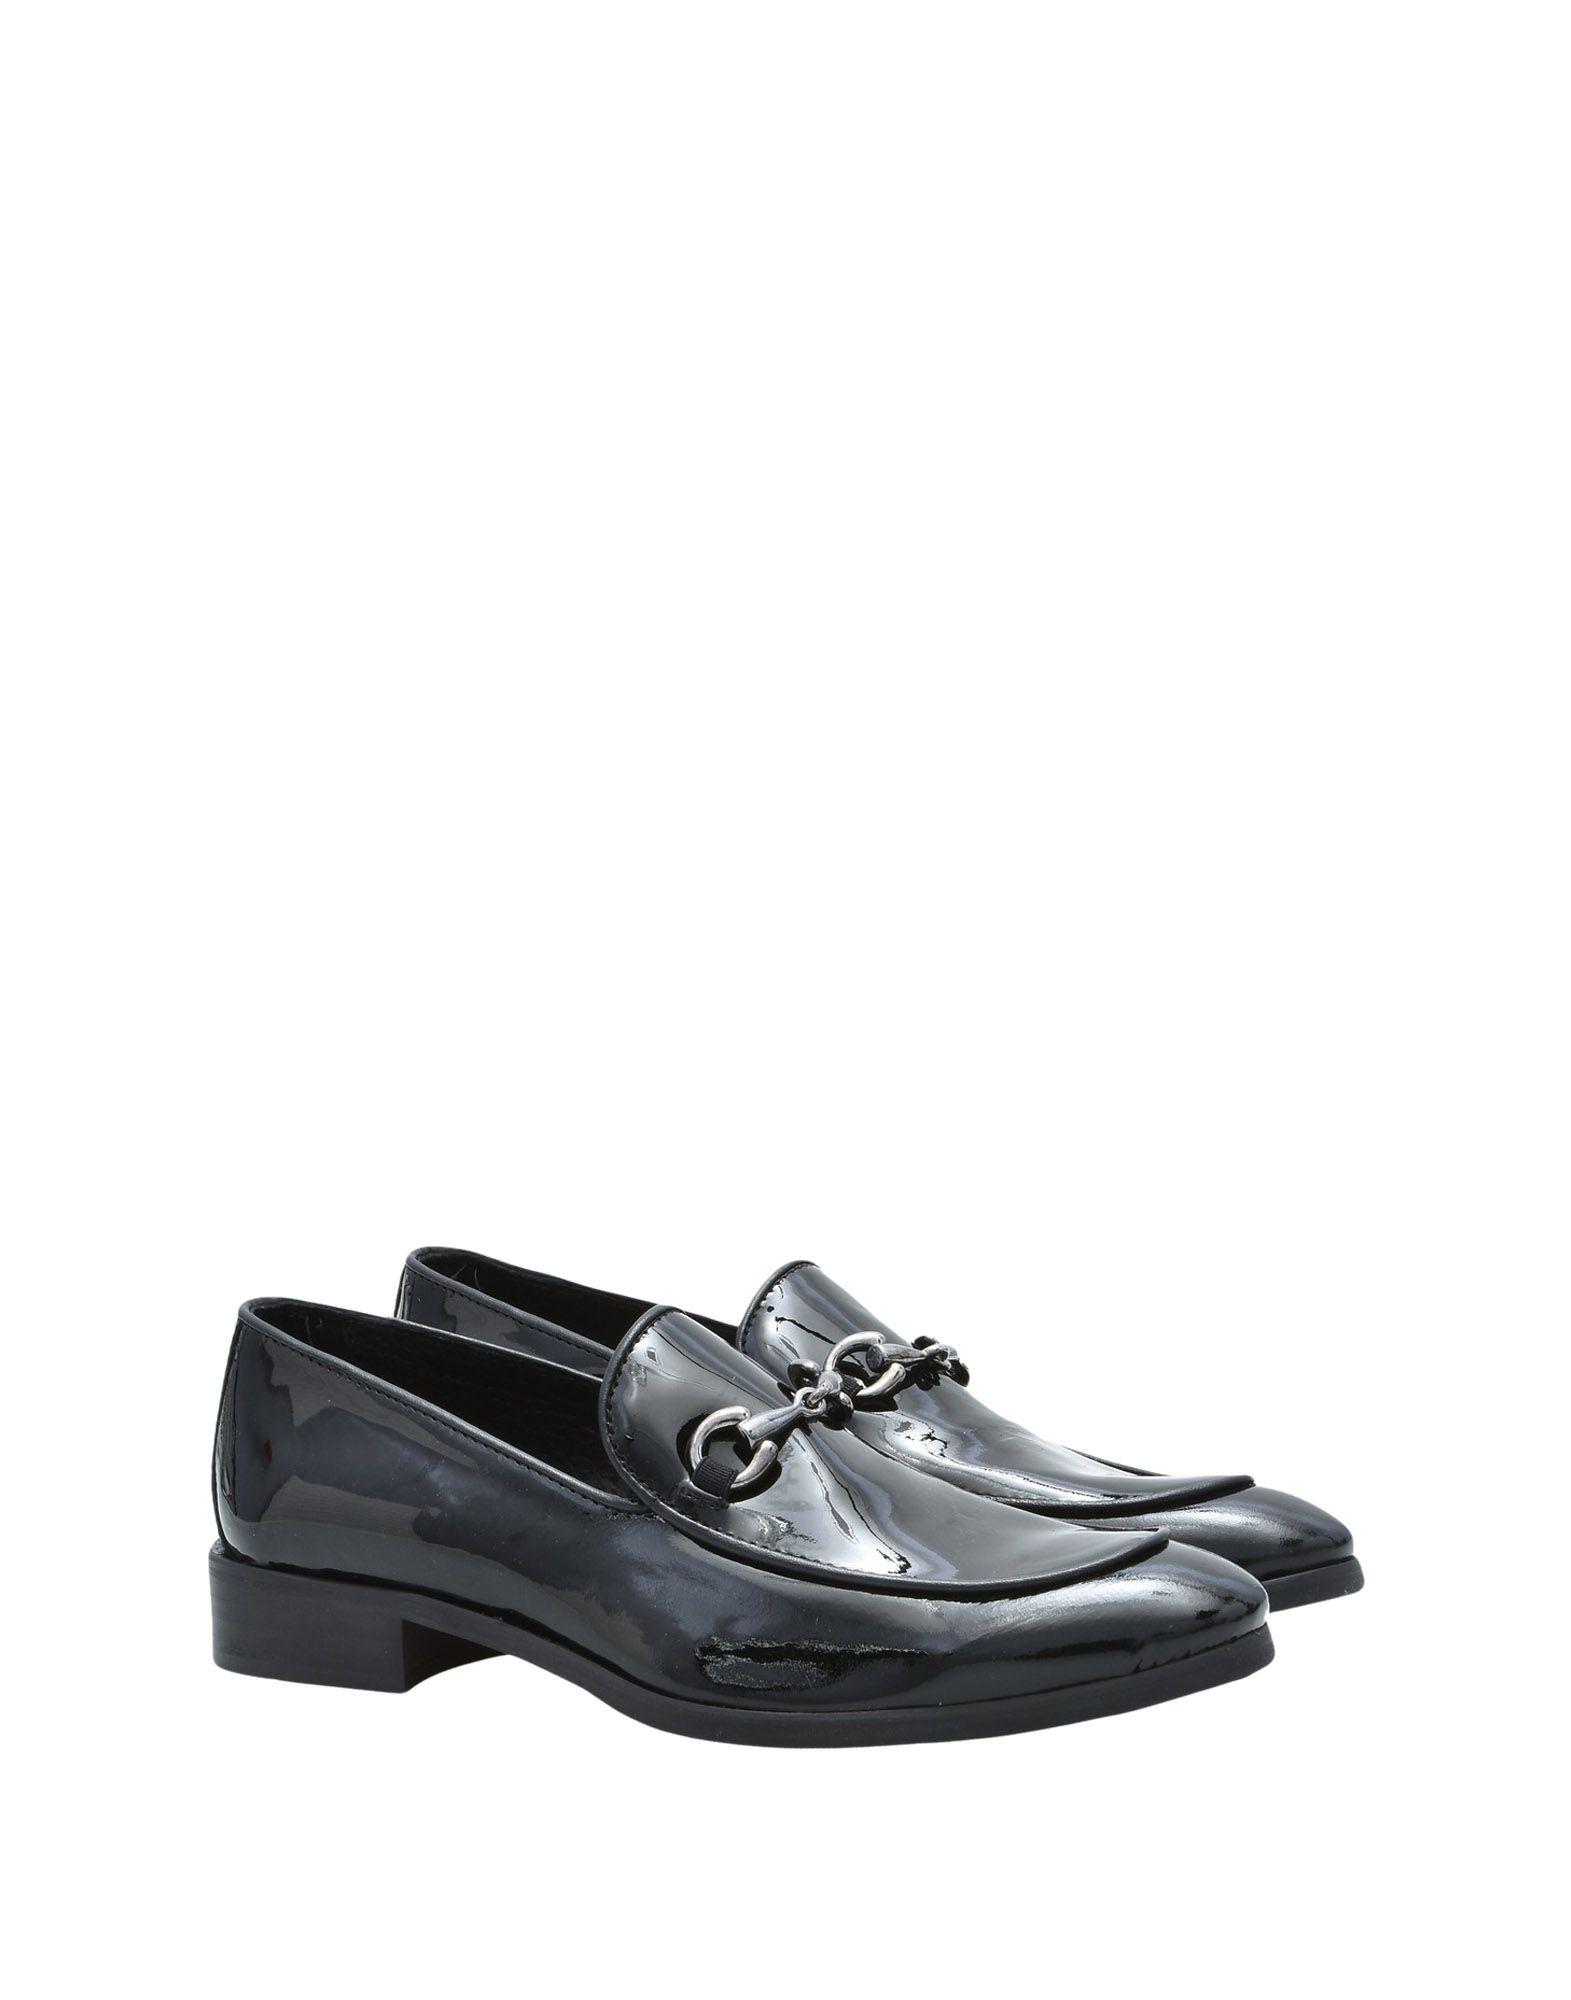 Rabatt echte Schuhe Le Officine Marfé 11508869CN Mokassins Herren  11508869CN Marfé 29268e